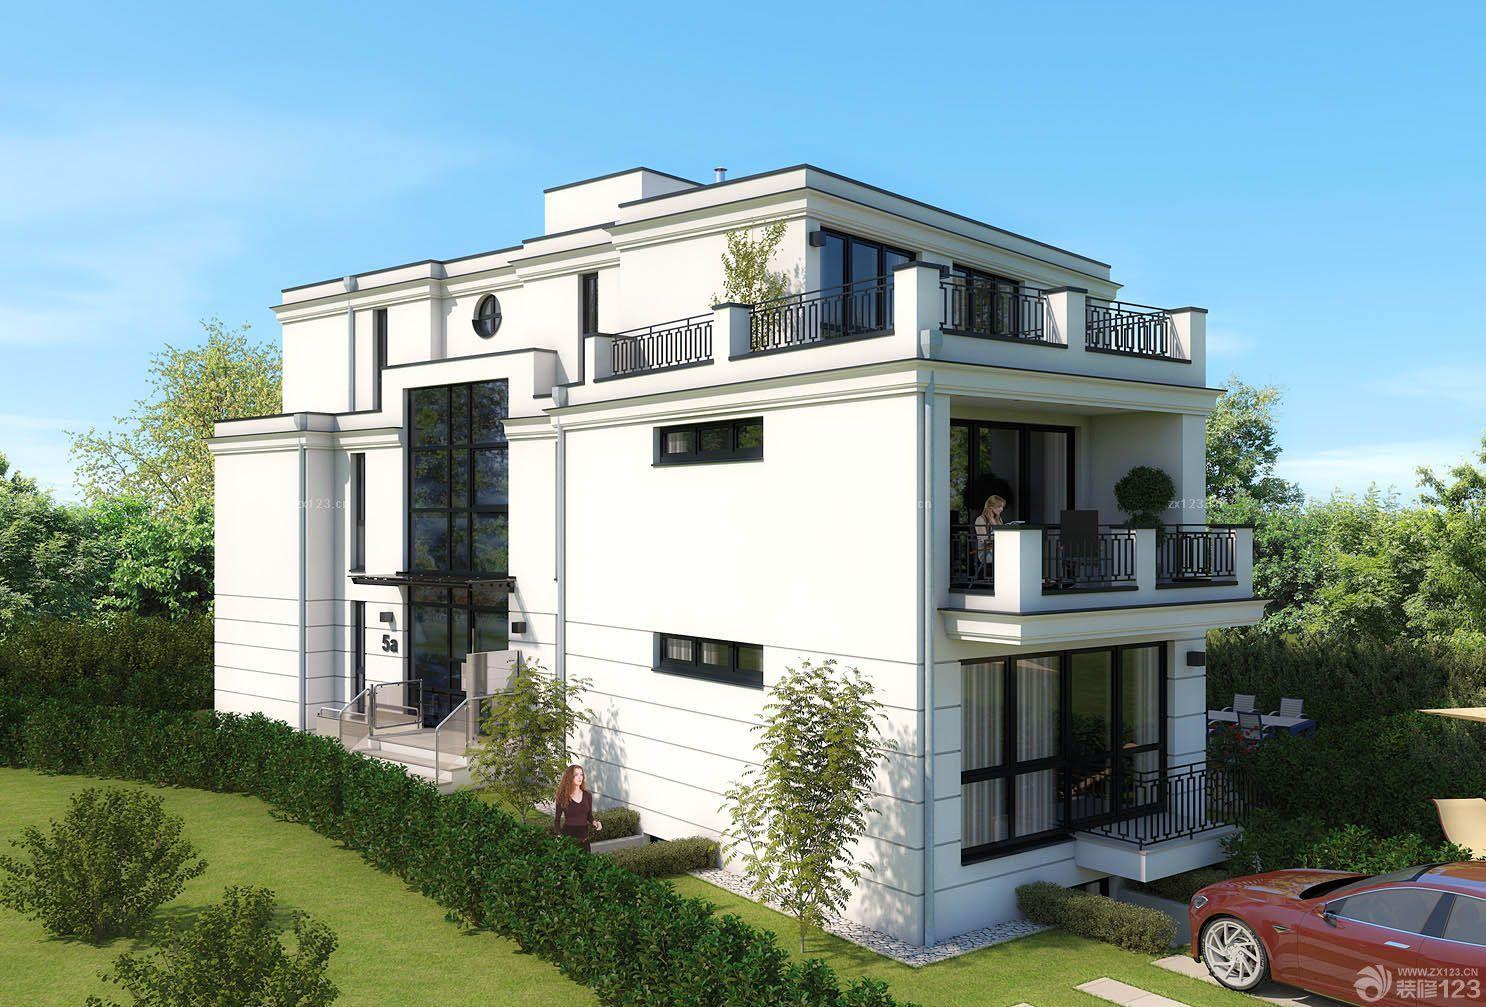 美式三层别墅外观设计效果图